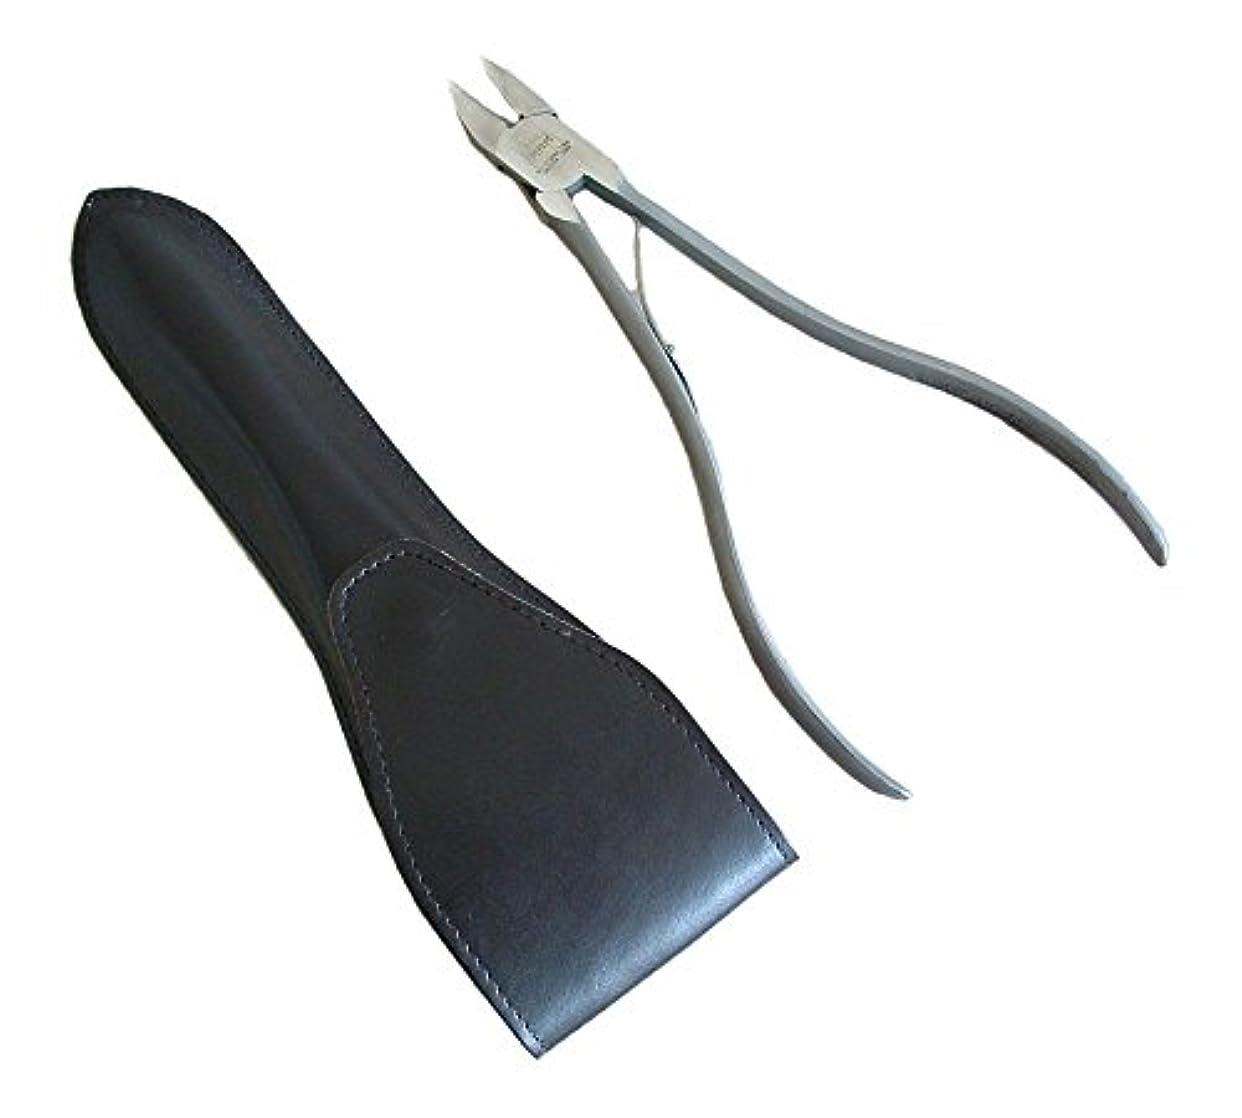 ジョブライオンケニアタナカマイスター ロングニッパー型爪切り(レザーケース入り)